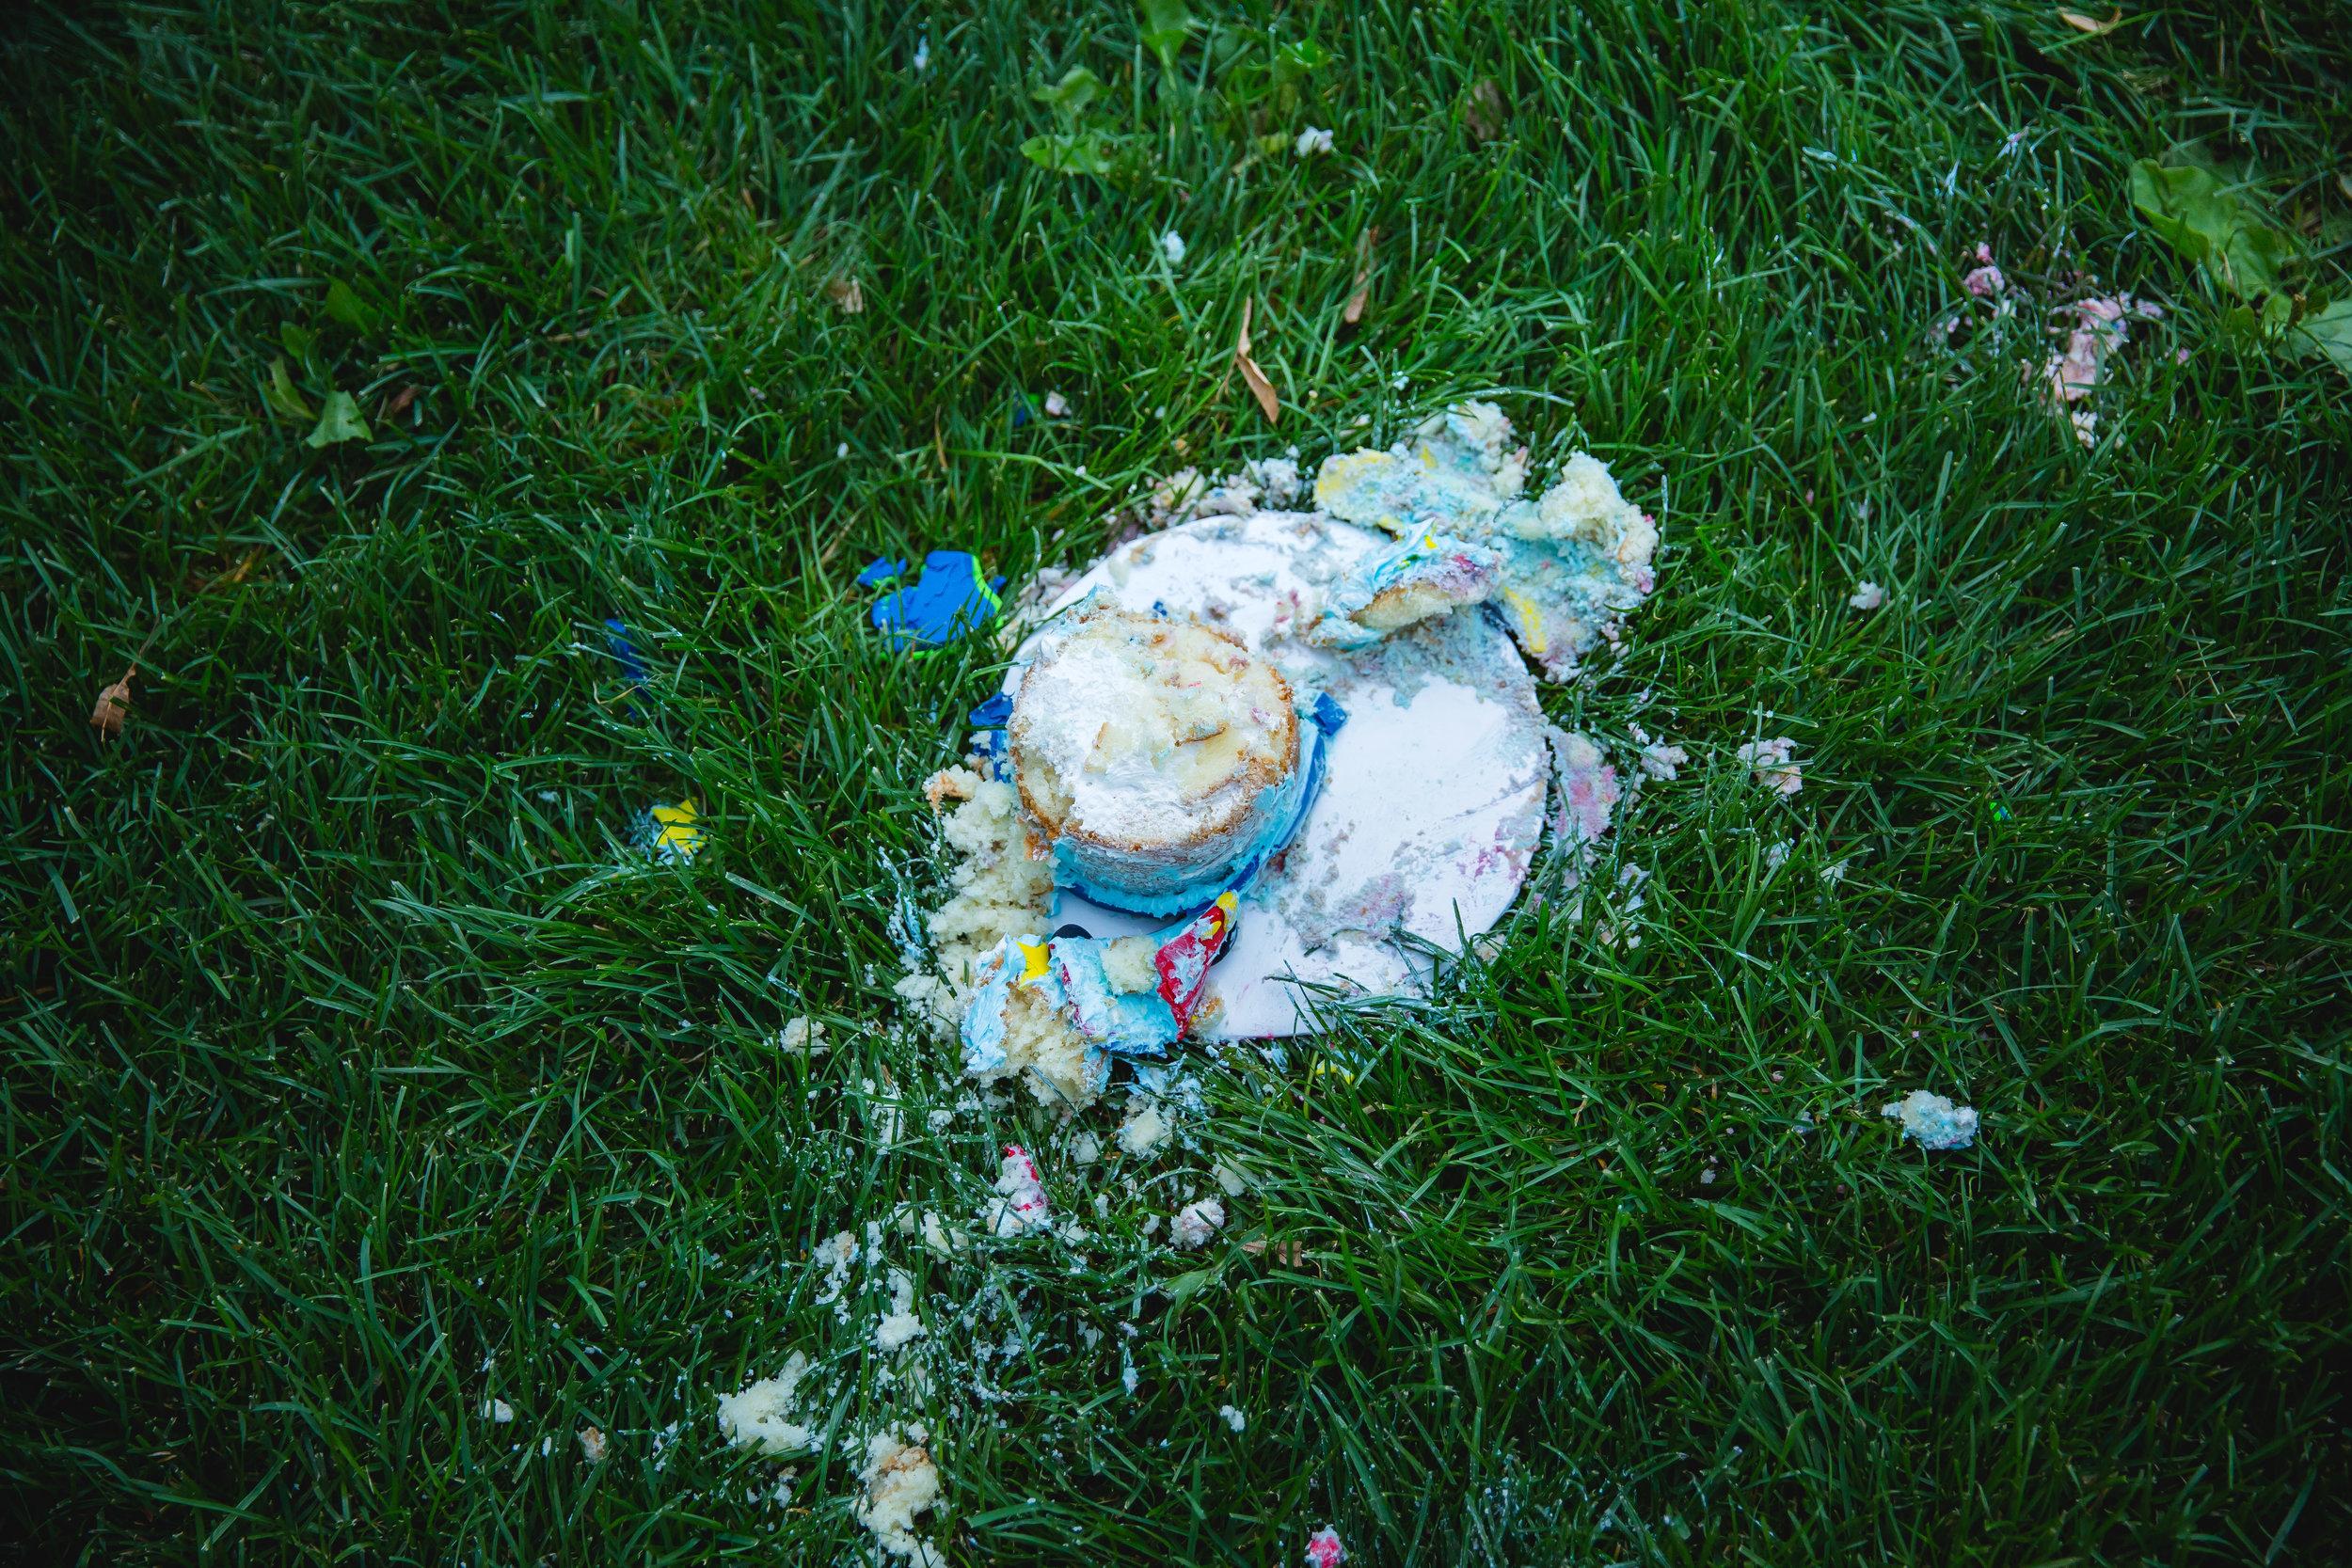 cake smashed